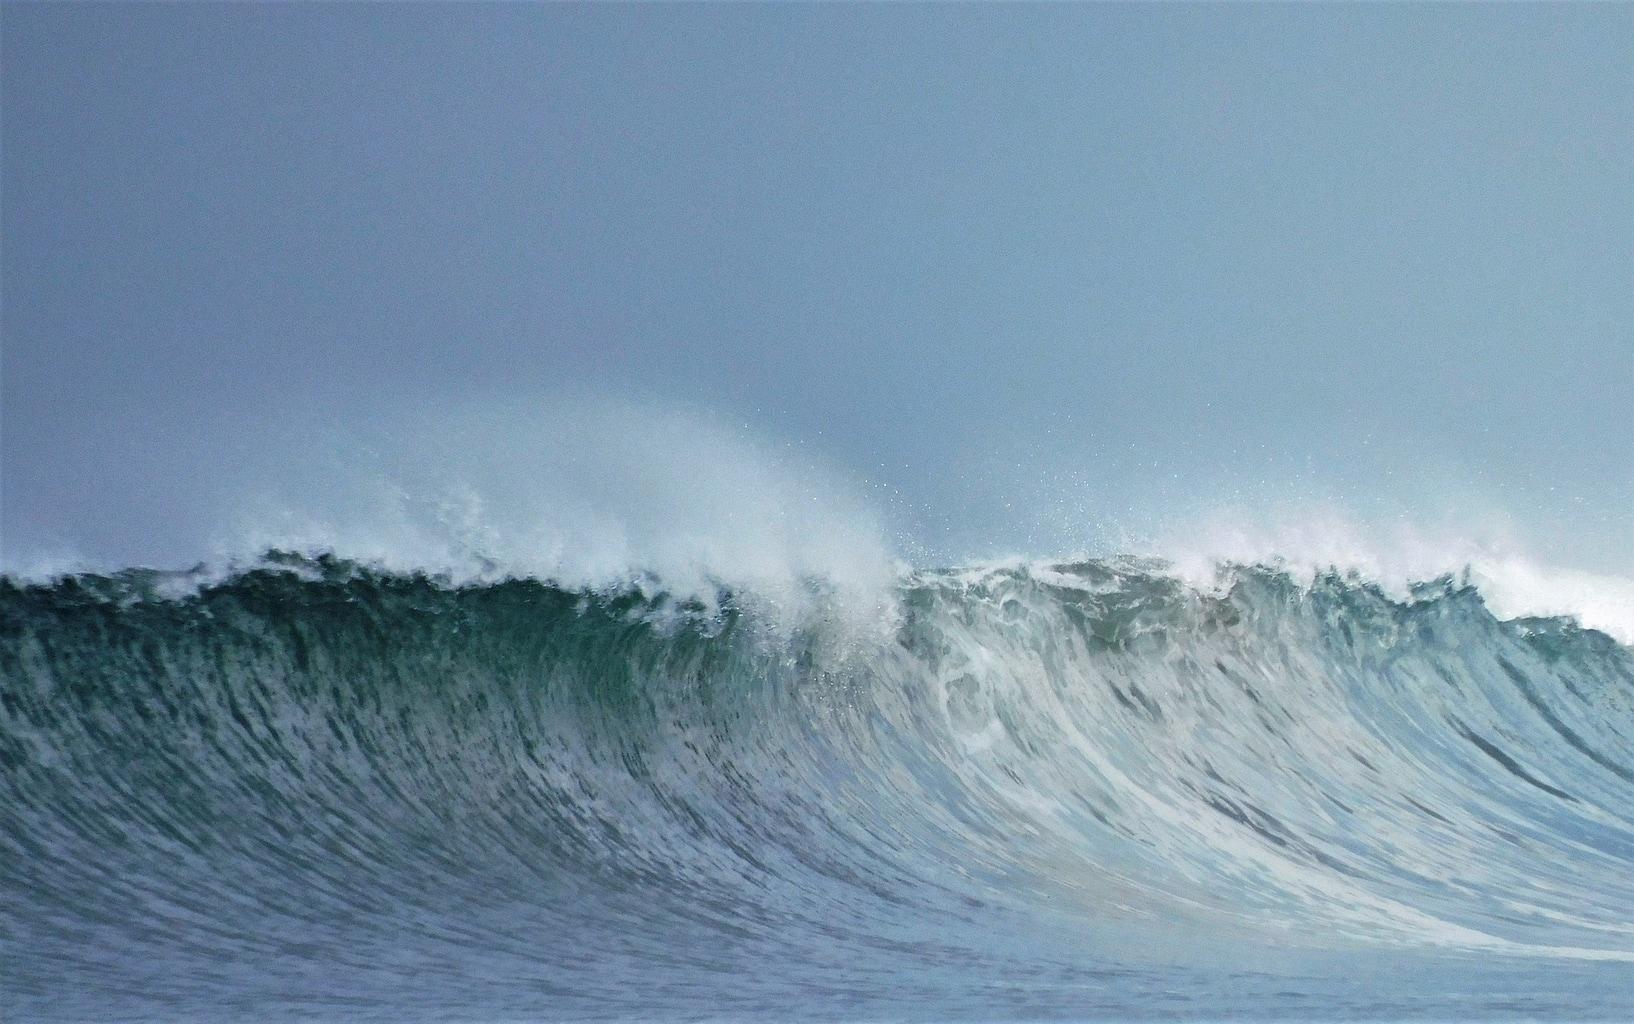 ola del mar capturada con cámara Brigde